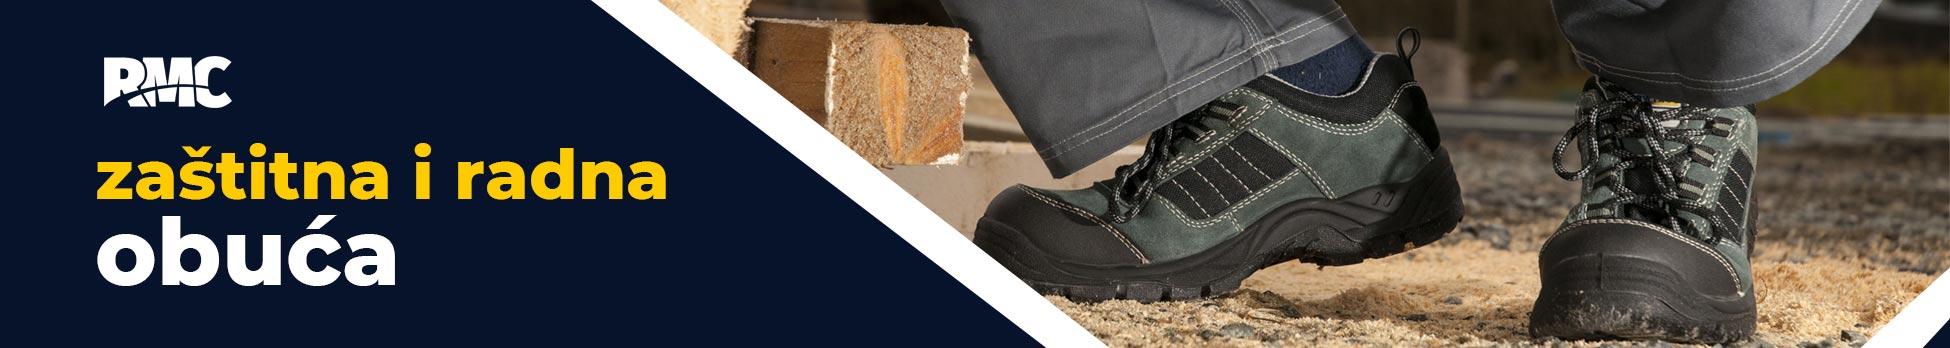 Radna i zaštitna obuća